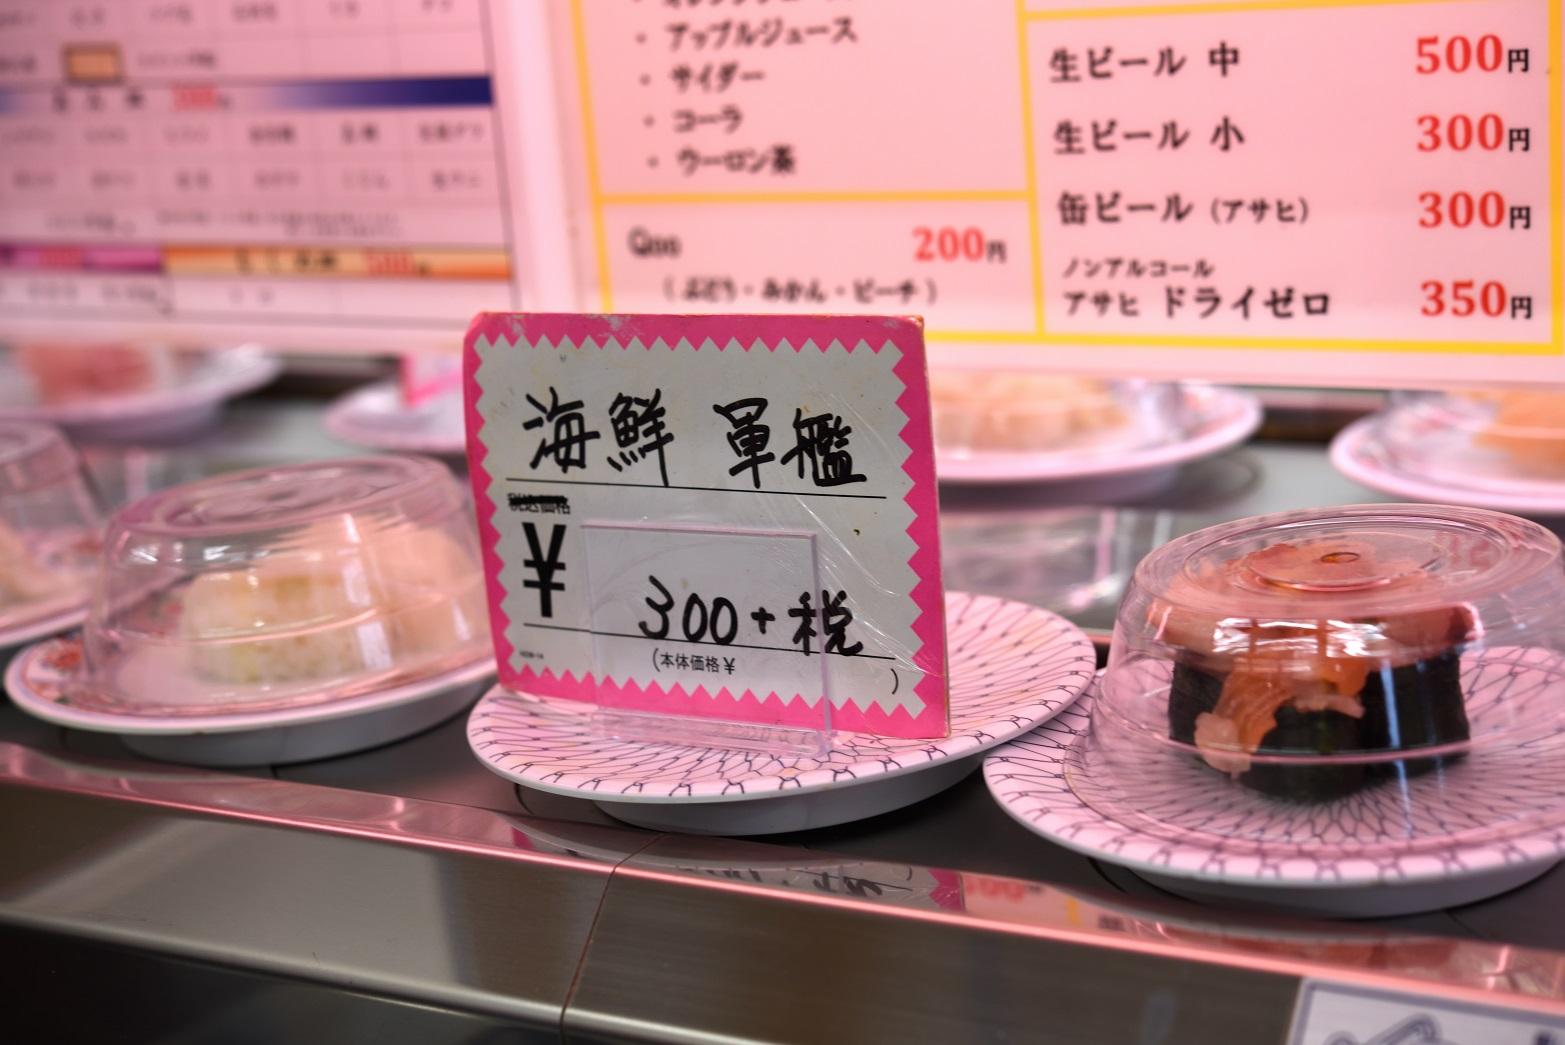 那珂湊 市場寿司 海鮮軍艦